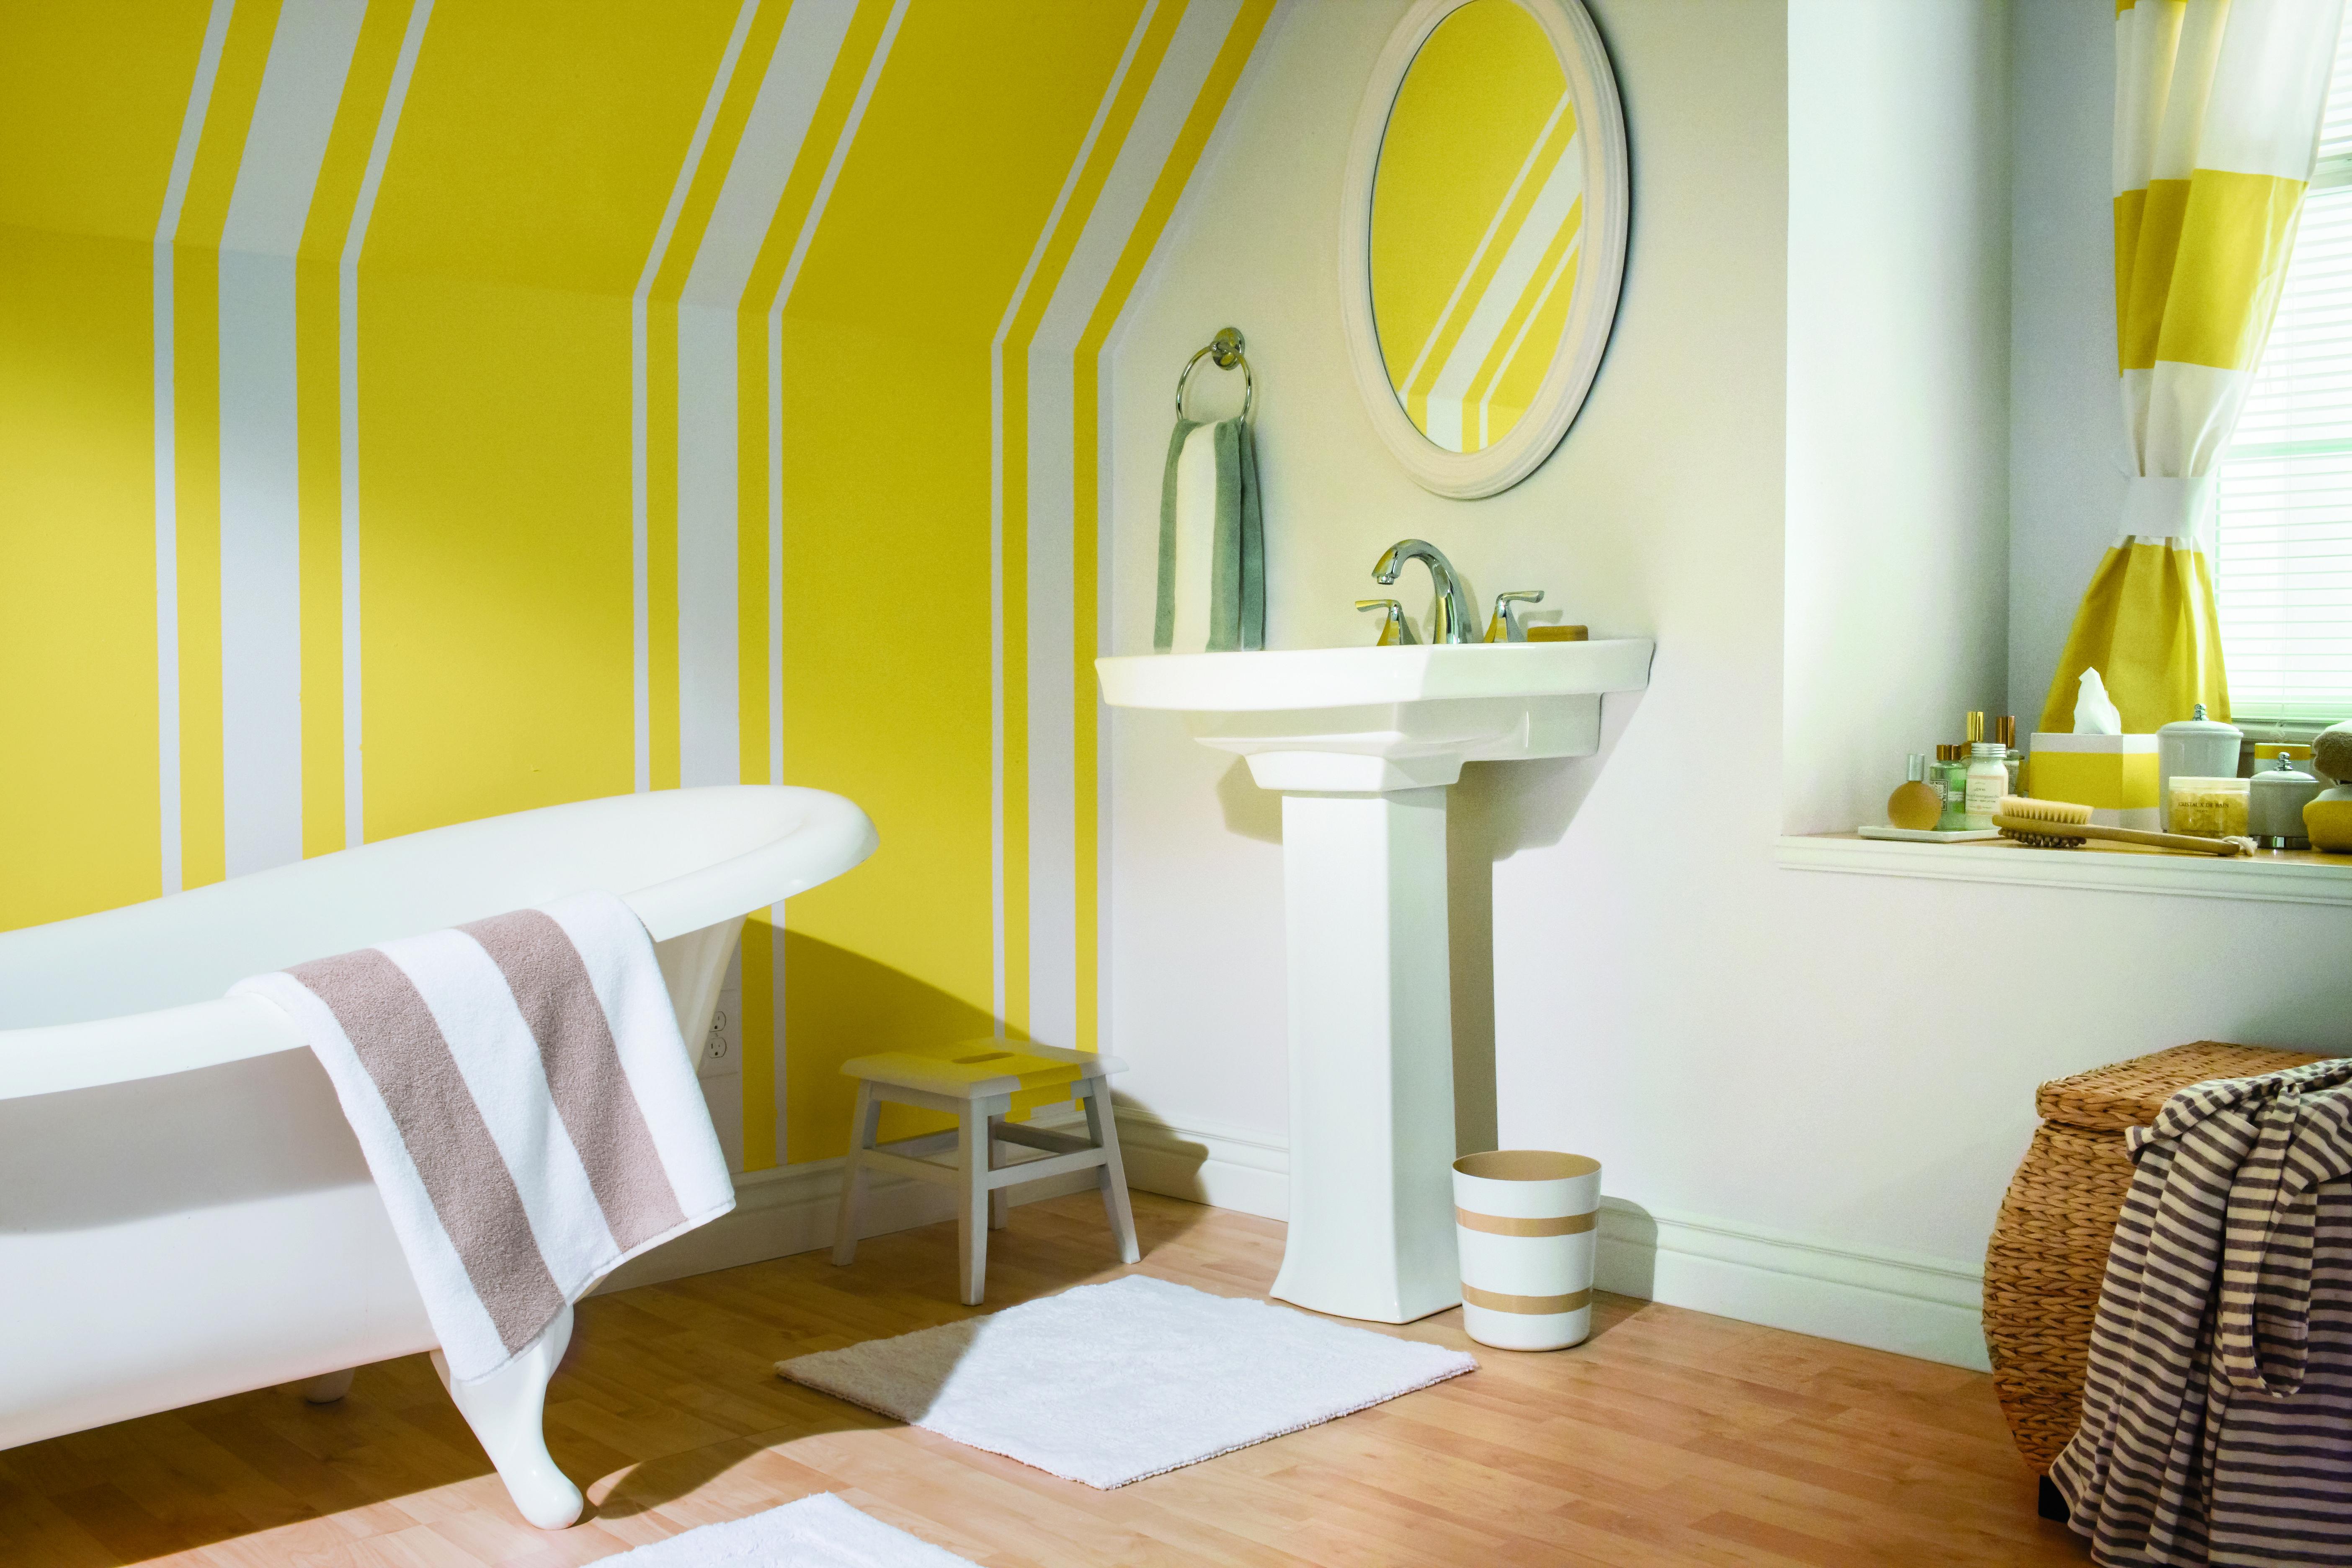 Mit Frog Tape Die Wände Im Badezimmer Zu Gestalten Ist Kein Problem.